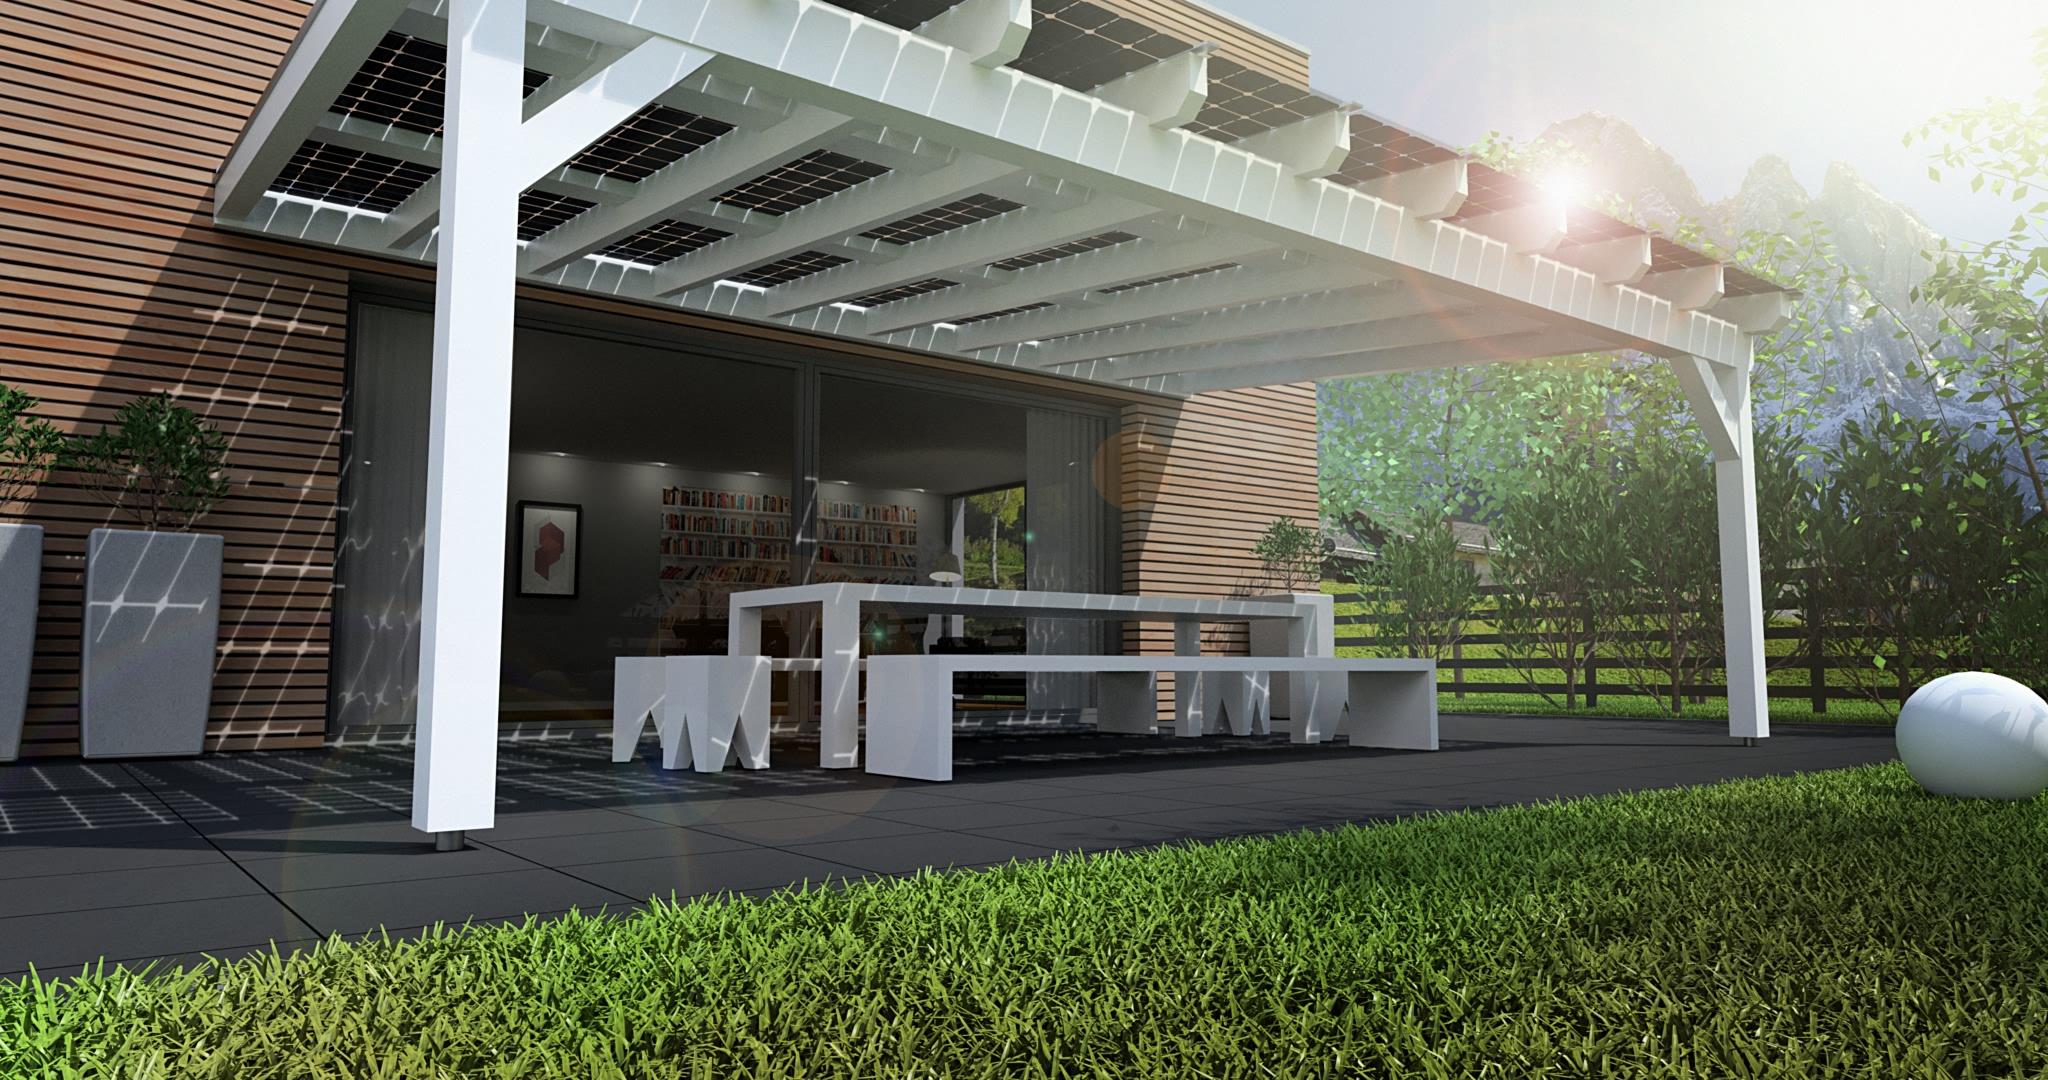 solarterrassen ab 0 aus holz alu oder stahl 30 jahre garantie. Black Bedroom Furniture Sets. Home Design Ideas